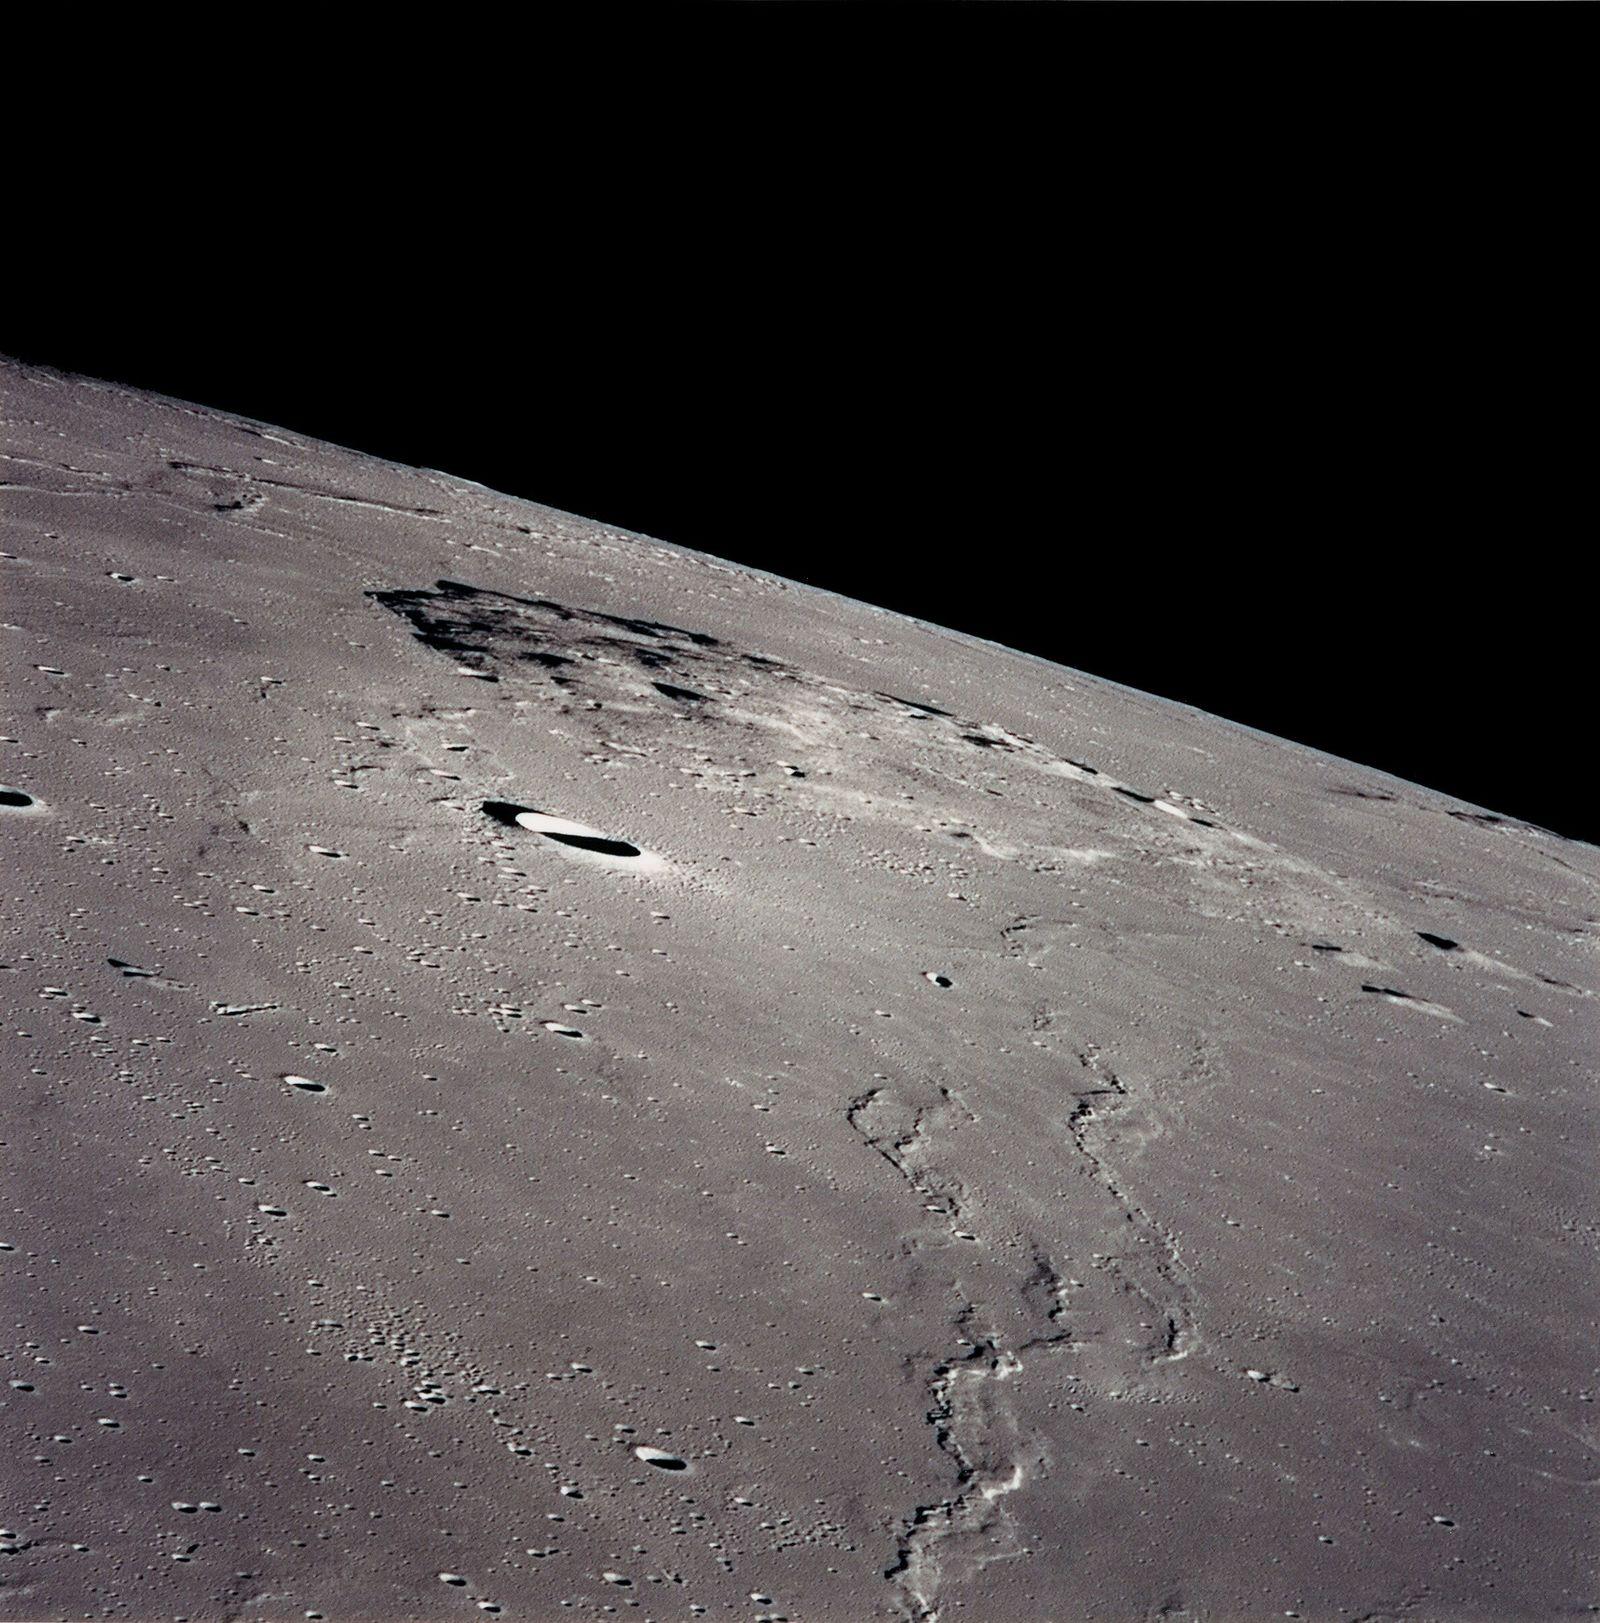 La nueva misión espacial de China traerá las primeras muestras lunares a la Tierra desde 1976